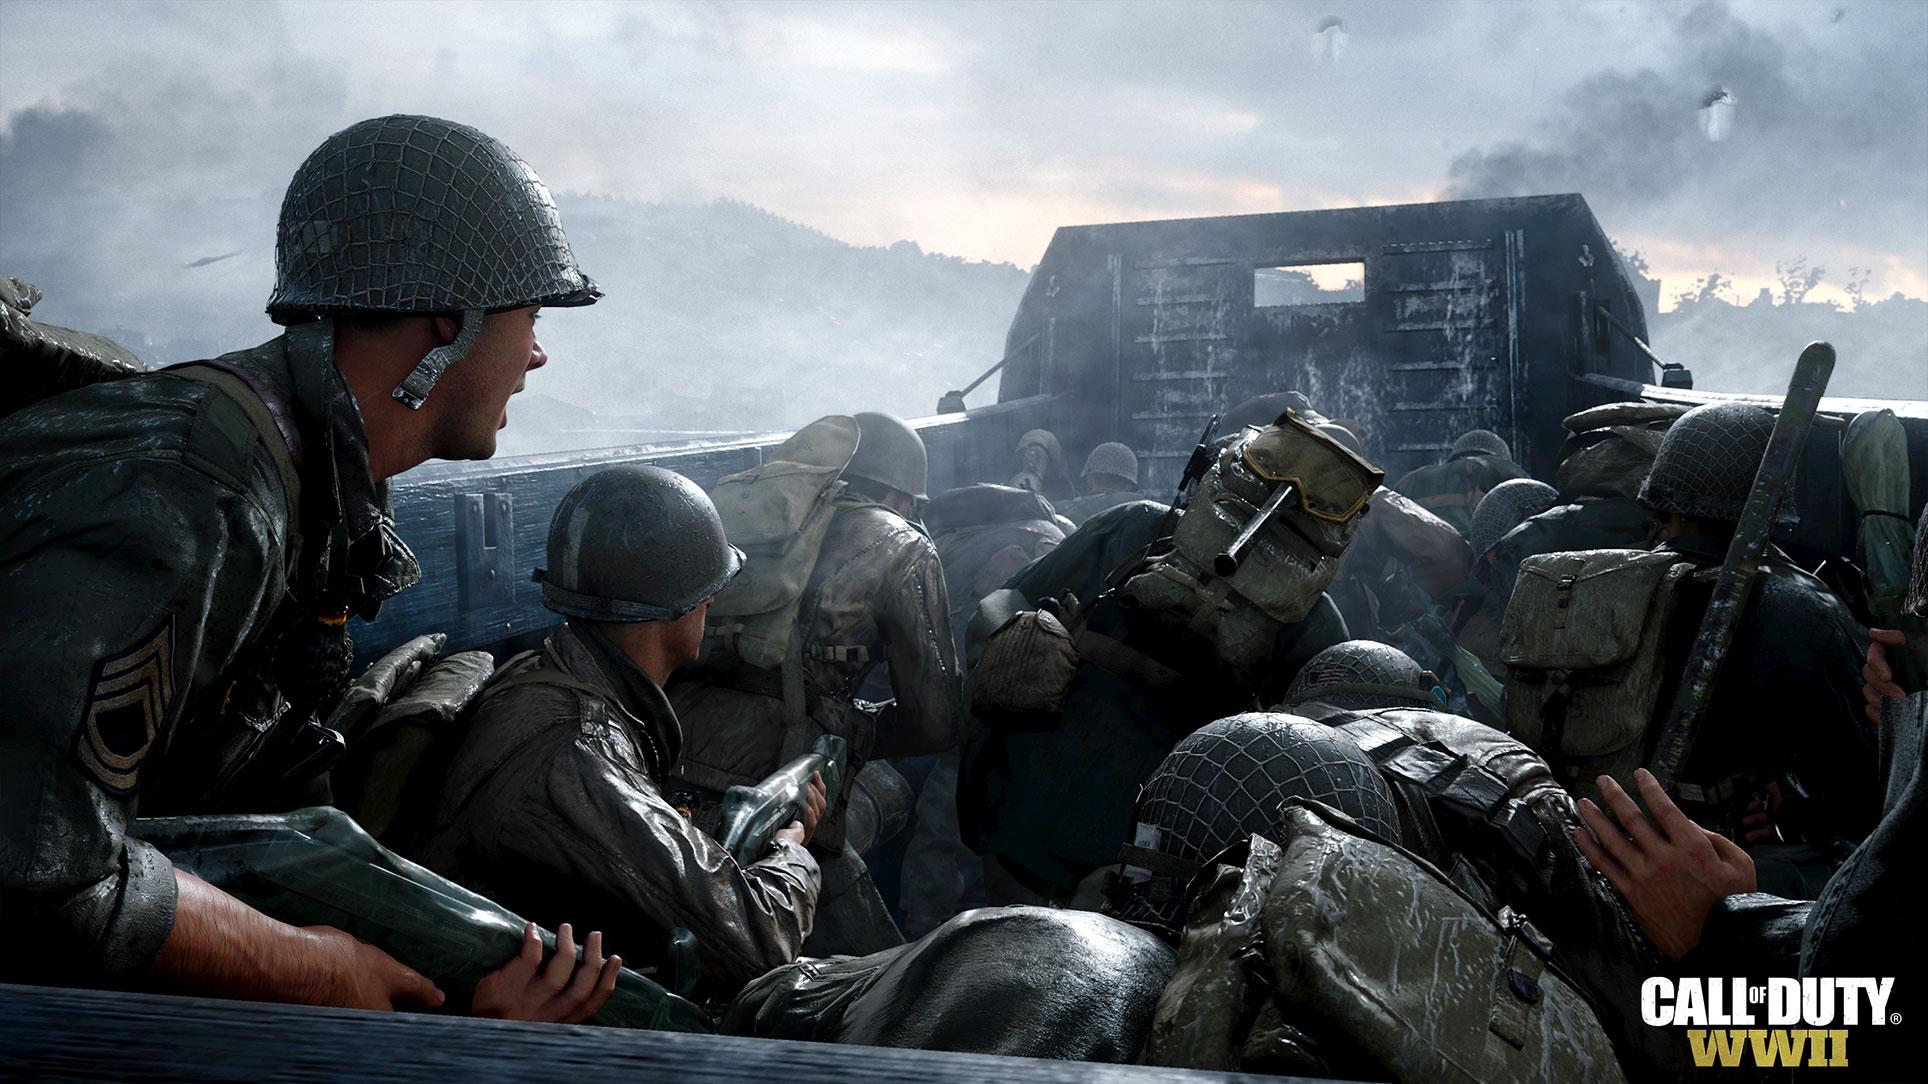 """... in der Veröffentlichung von """"Call of Duty: WW2"""". Der bisher erfolgreichste Serien-Teil folgt dem Motto """"Back to the Roots"""" und ersetzt Roboter wieder gegen Nazis."""